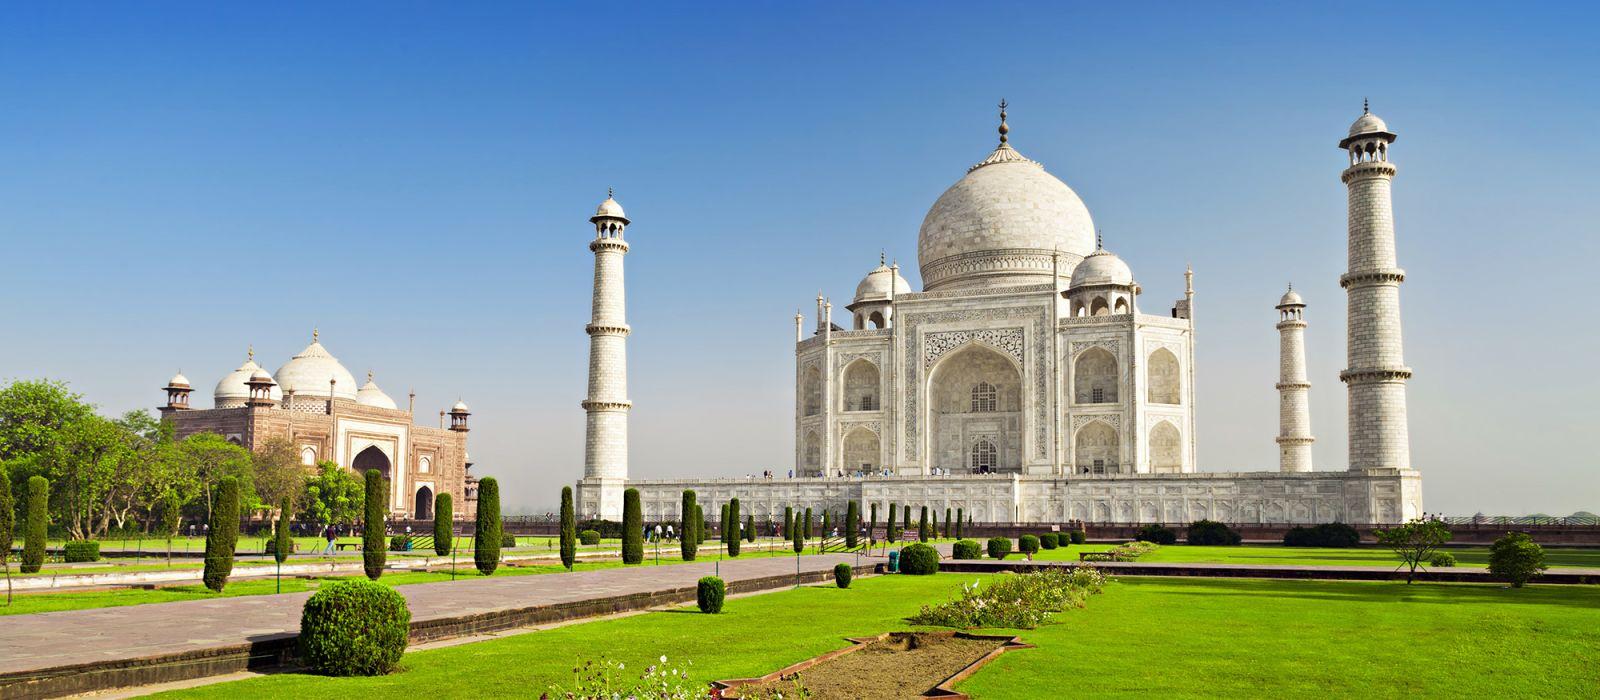 Glanzvolles Rajasthan & Taj Mahal: Exklusiver Luxus mit dem Oberoi-Angebot Urlaub 2